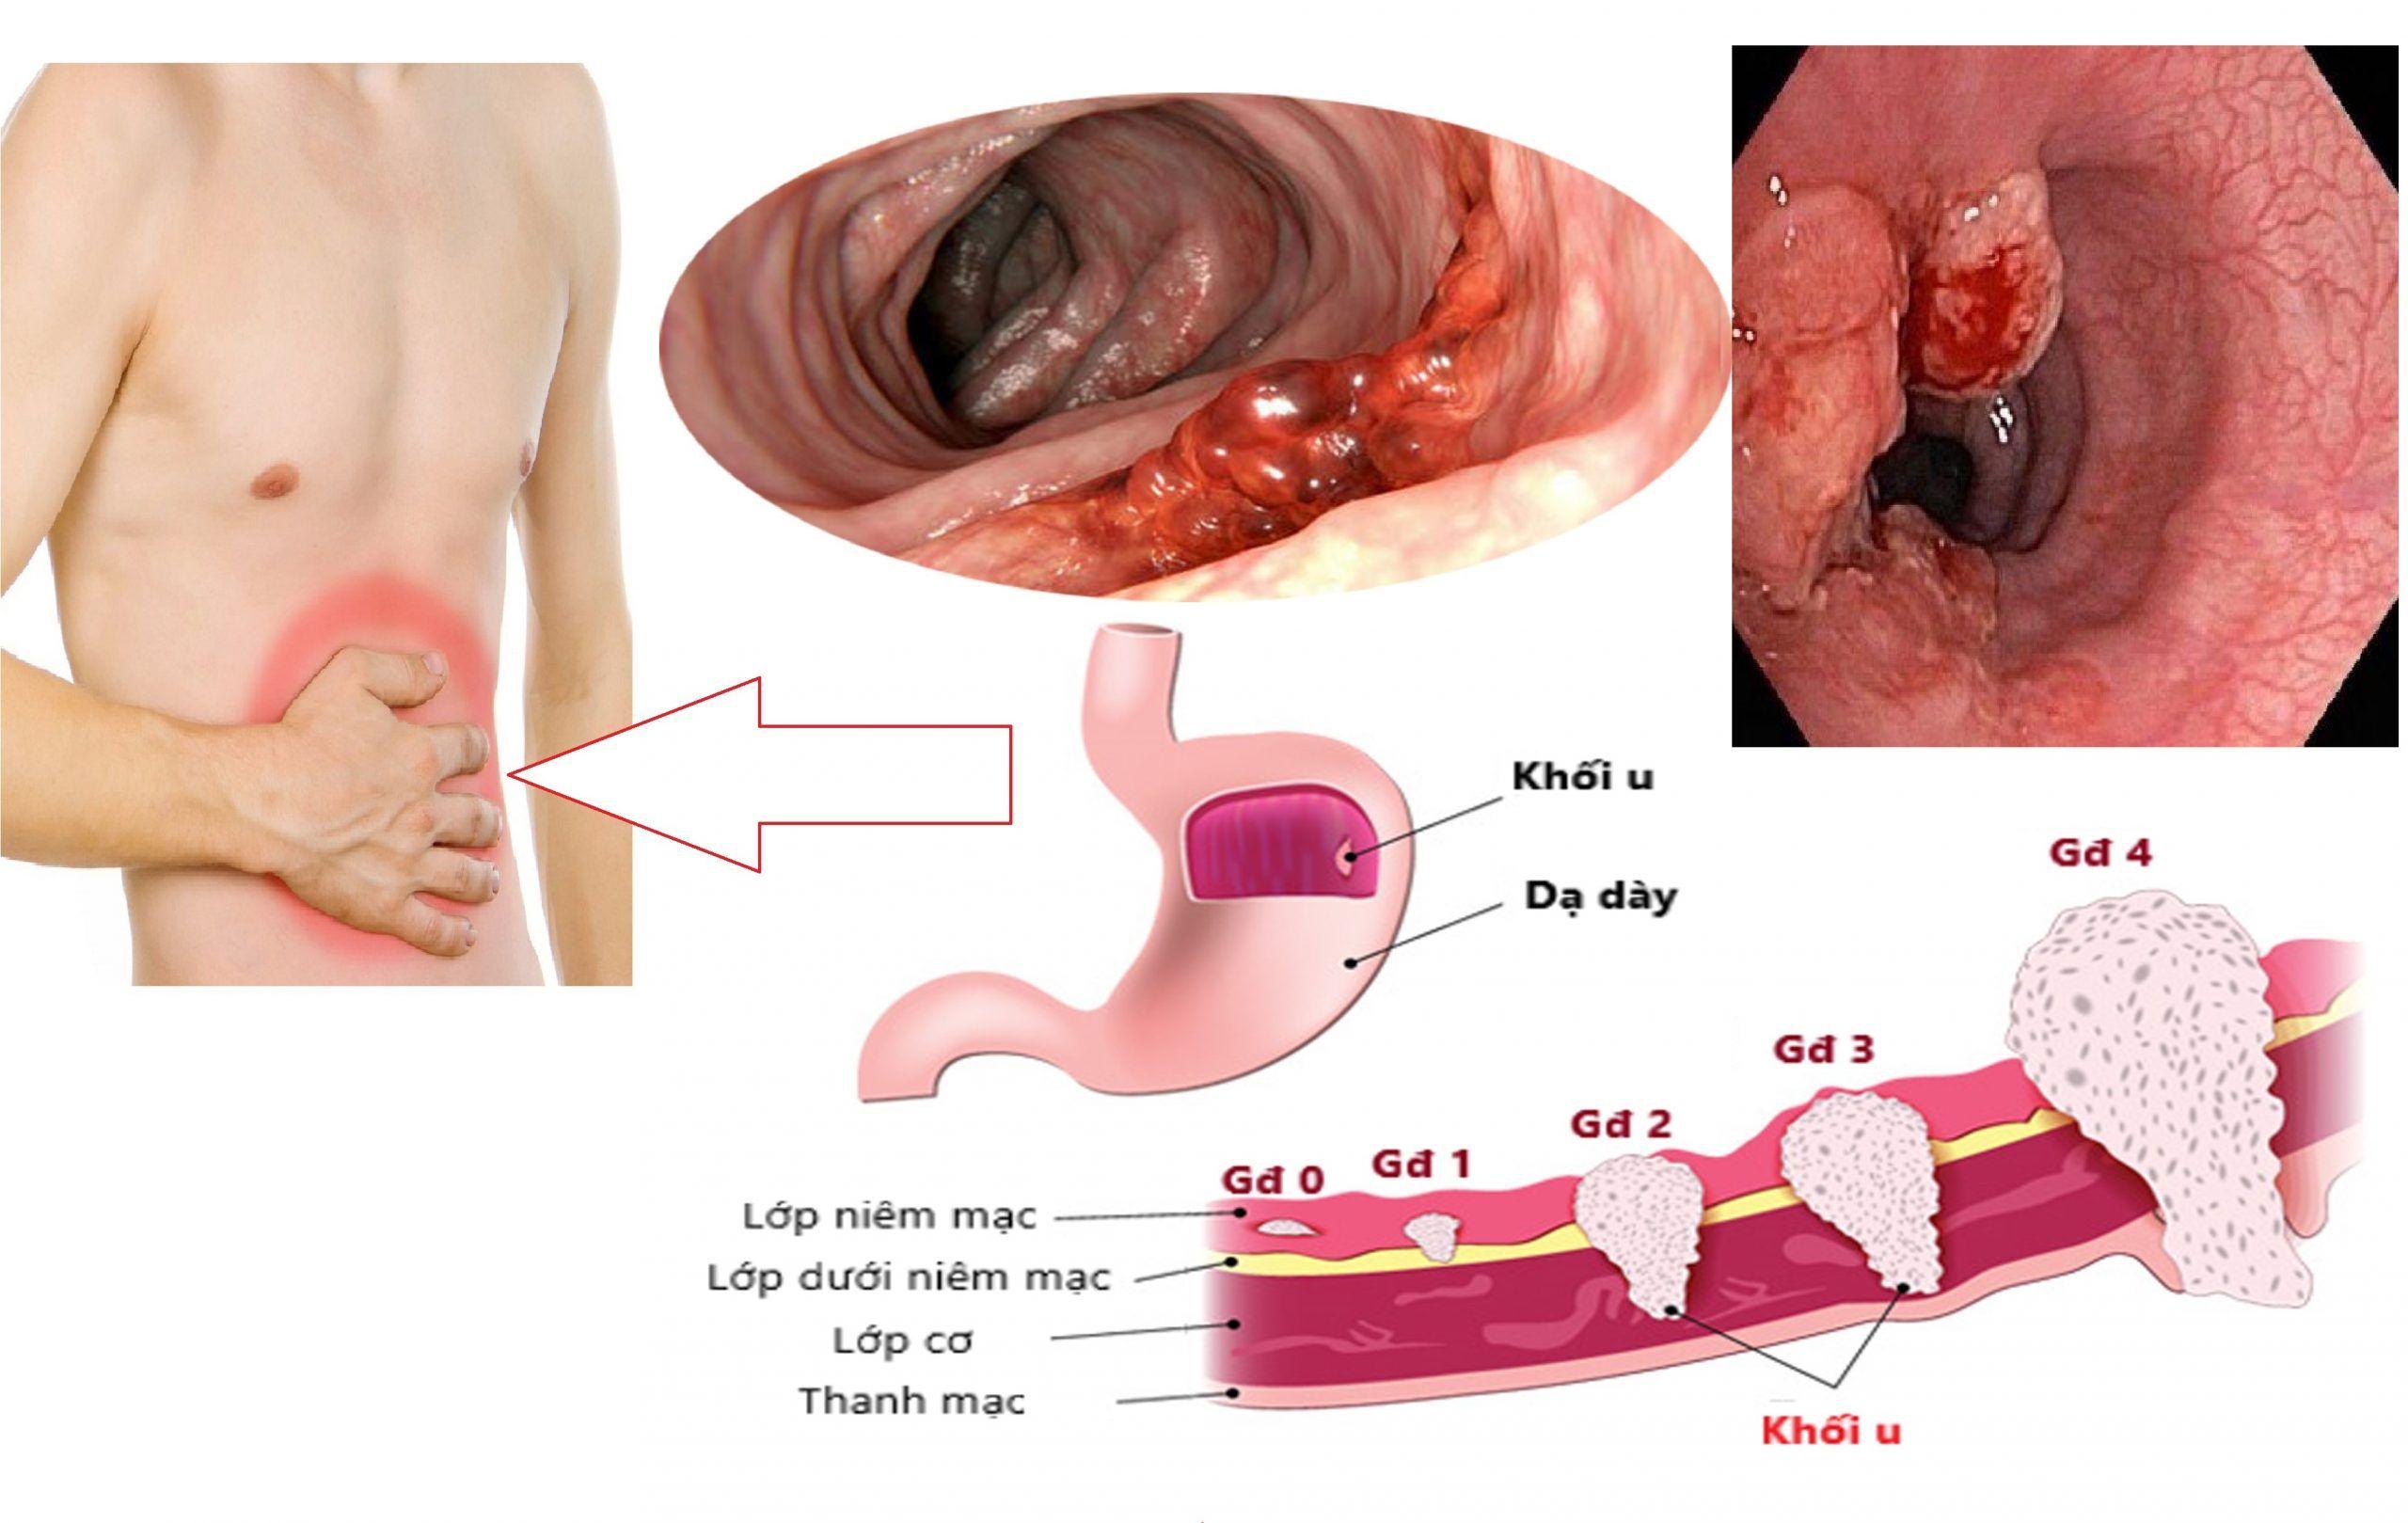 Truyền hóa chất điều trị ung thư dạ dày giai đoạn cuối